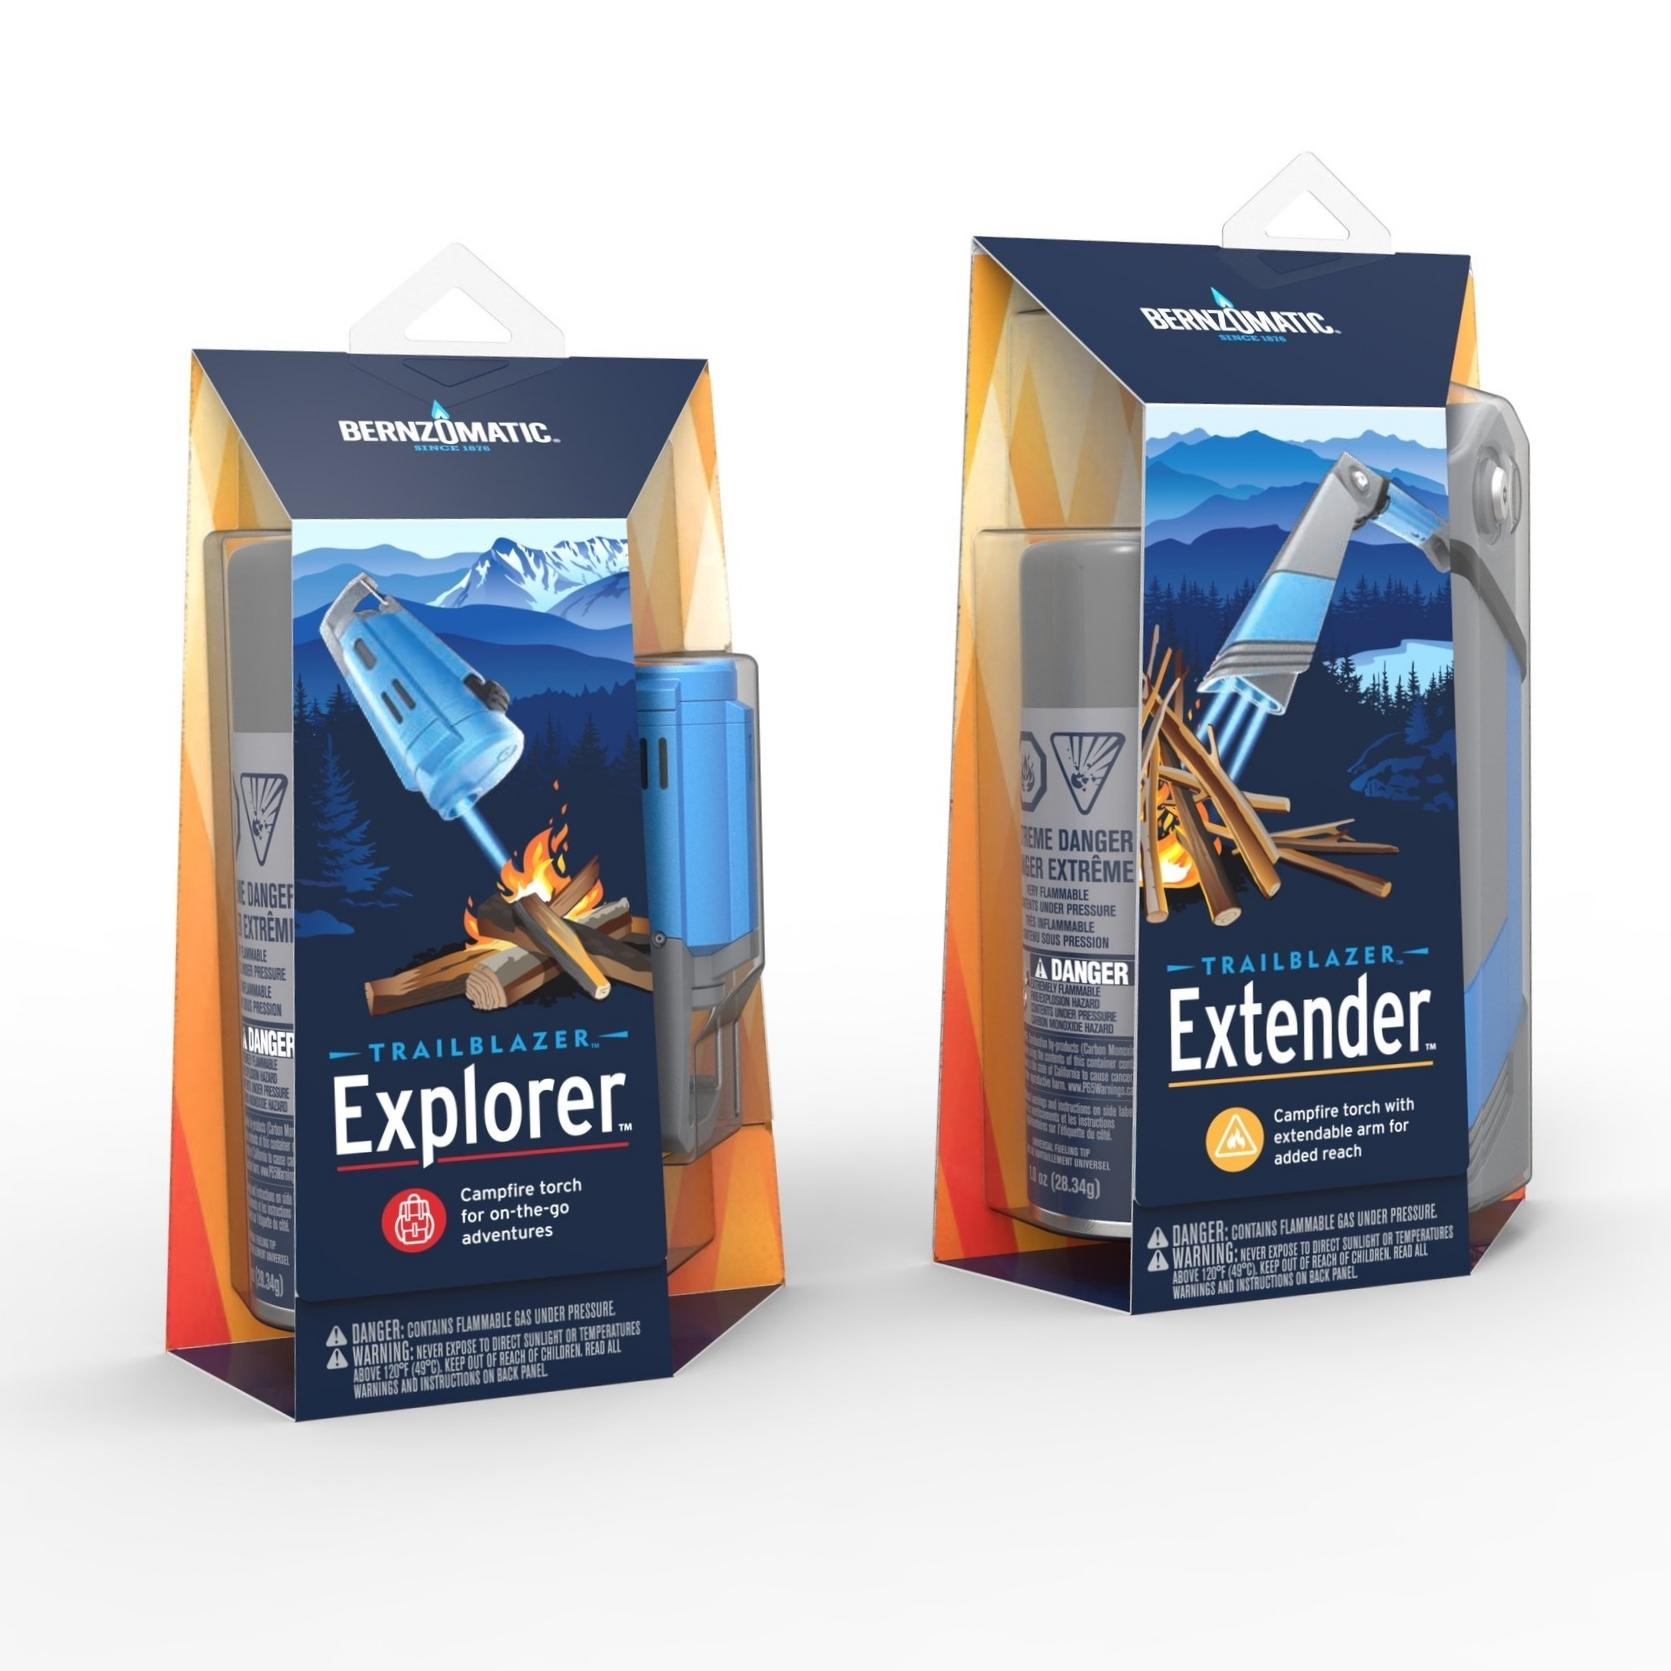 Full set - New Render - CANADA_Extender-TEST07.2895.jpg